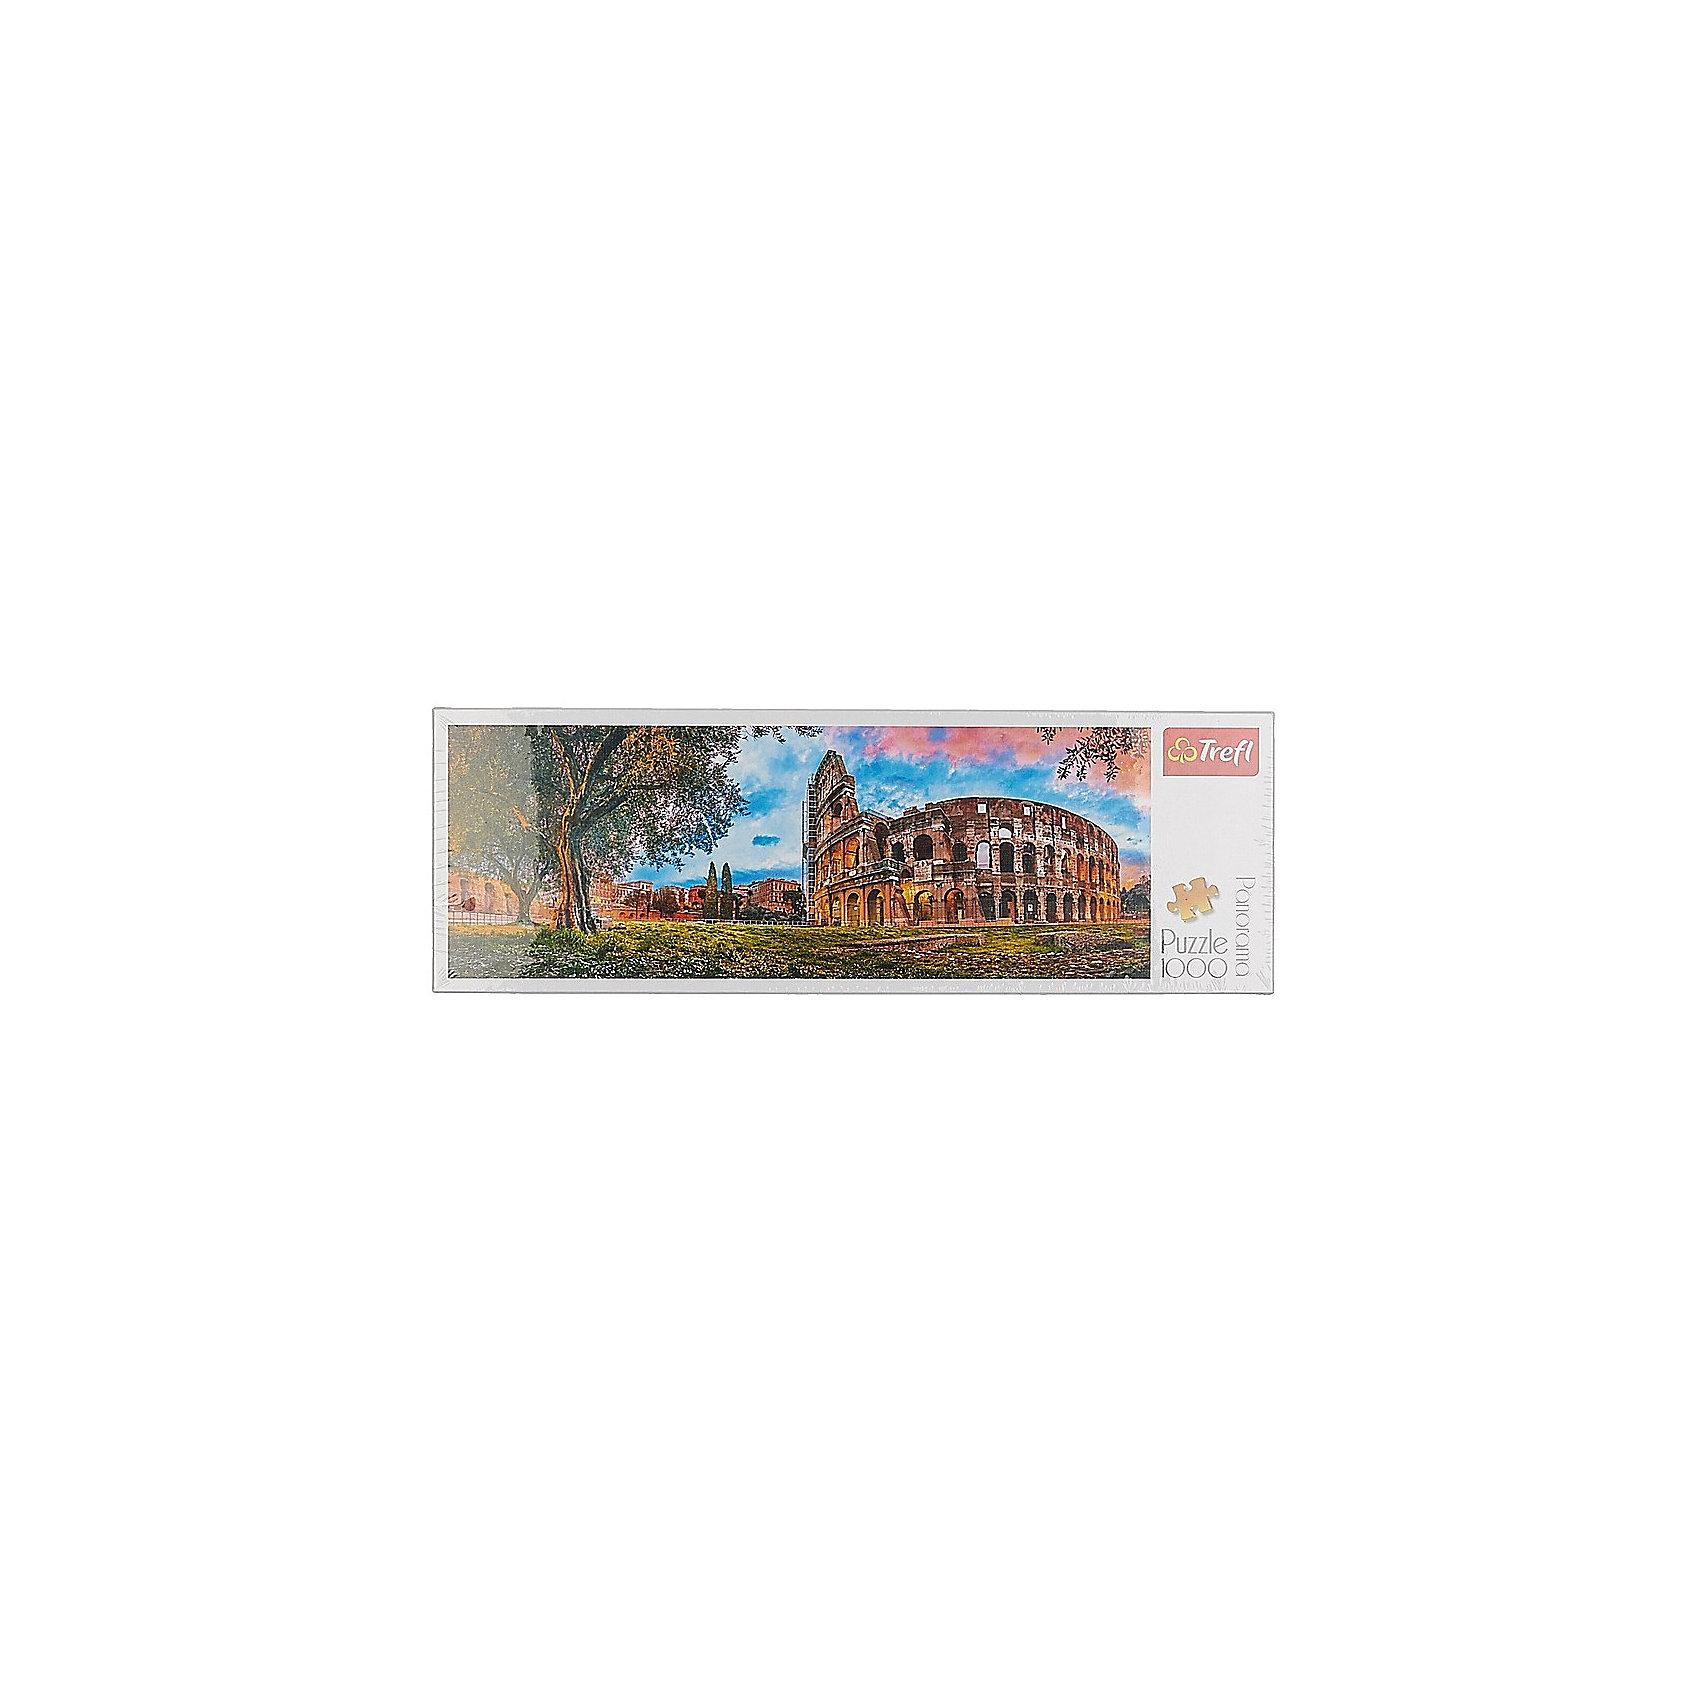 Пазлы панорамные «Колизей утром», 1000 элементовПазлы для детей постарше<br>Пазлы панорамные «Колизей утром», 1000 элементов – это просто шедевр в вашем исполнении. Вы получите колоссальное удовольствие от соединения деталей, выполненных из высококачественного картона с антибликовым покрытием. На картинке изображен Колизей на фоне красочной осенней растительности, а также великолепного восхода солнца на фоне розово-голубого облачного неба. Размер собранной картинки: 97х34 сантиметра. Собрав пазл, вы сможете украсить им стену как дома, так и на даче. Этот пазл также отлично подойдет для подарка друзьям.<br>Пазлы продаются в коробке из плотного картона. Ее размер: 40,1х27х6 см.<br>Рекомендуемый возраст: от 14 лет.<br><br>Ширина мм: 401<br>Глубина мм: 270<br>Высота мм: 60<br>Вес г: 750<br>Возраст от месяцев: 168<br>Возраст до месяцев: 2147483647<br>Пол: Унисекс<br>Возраст: Детский<br>SKU: 7126326